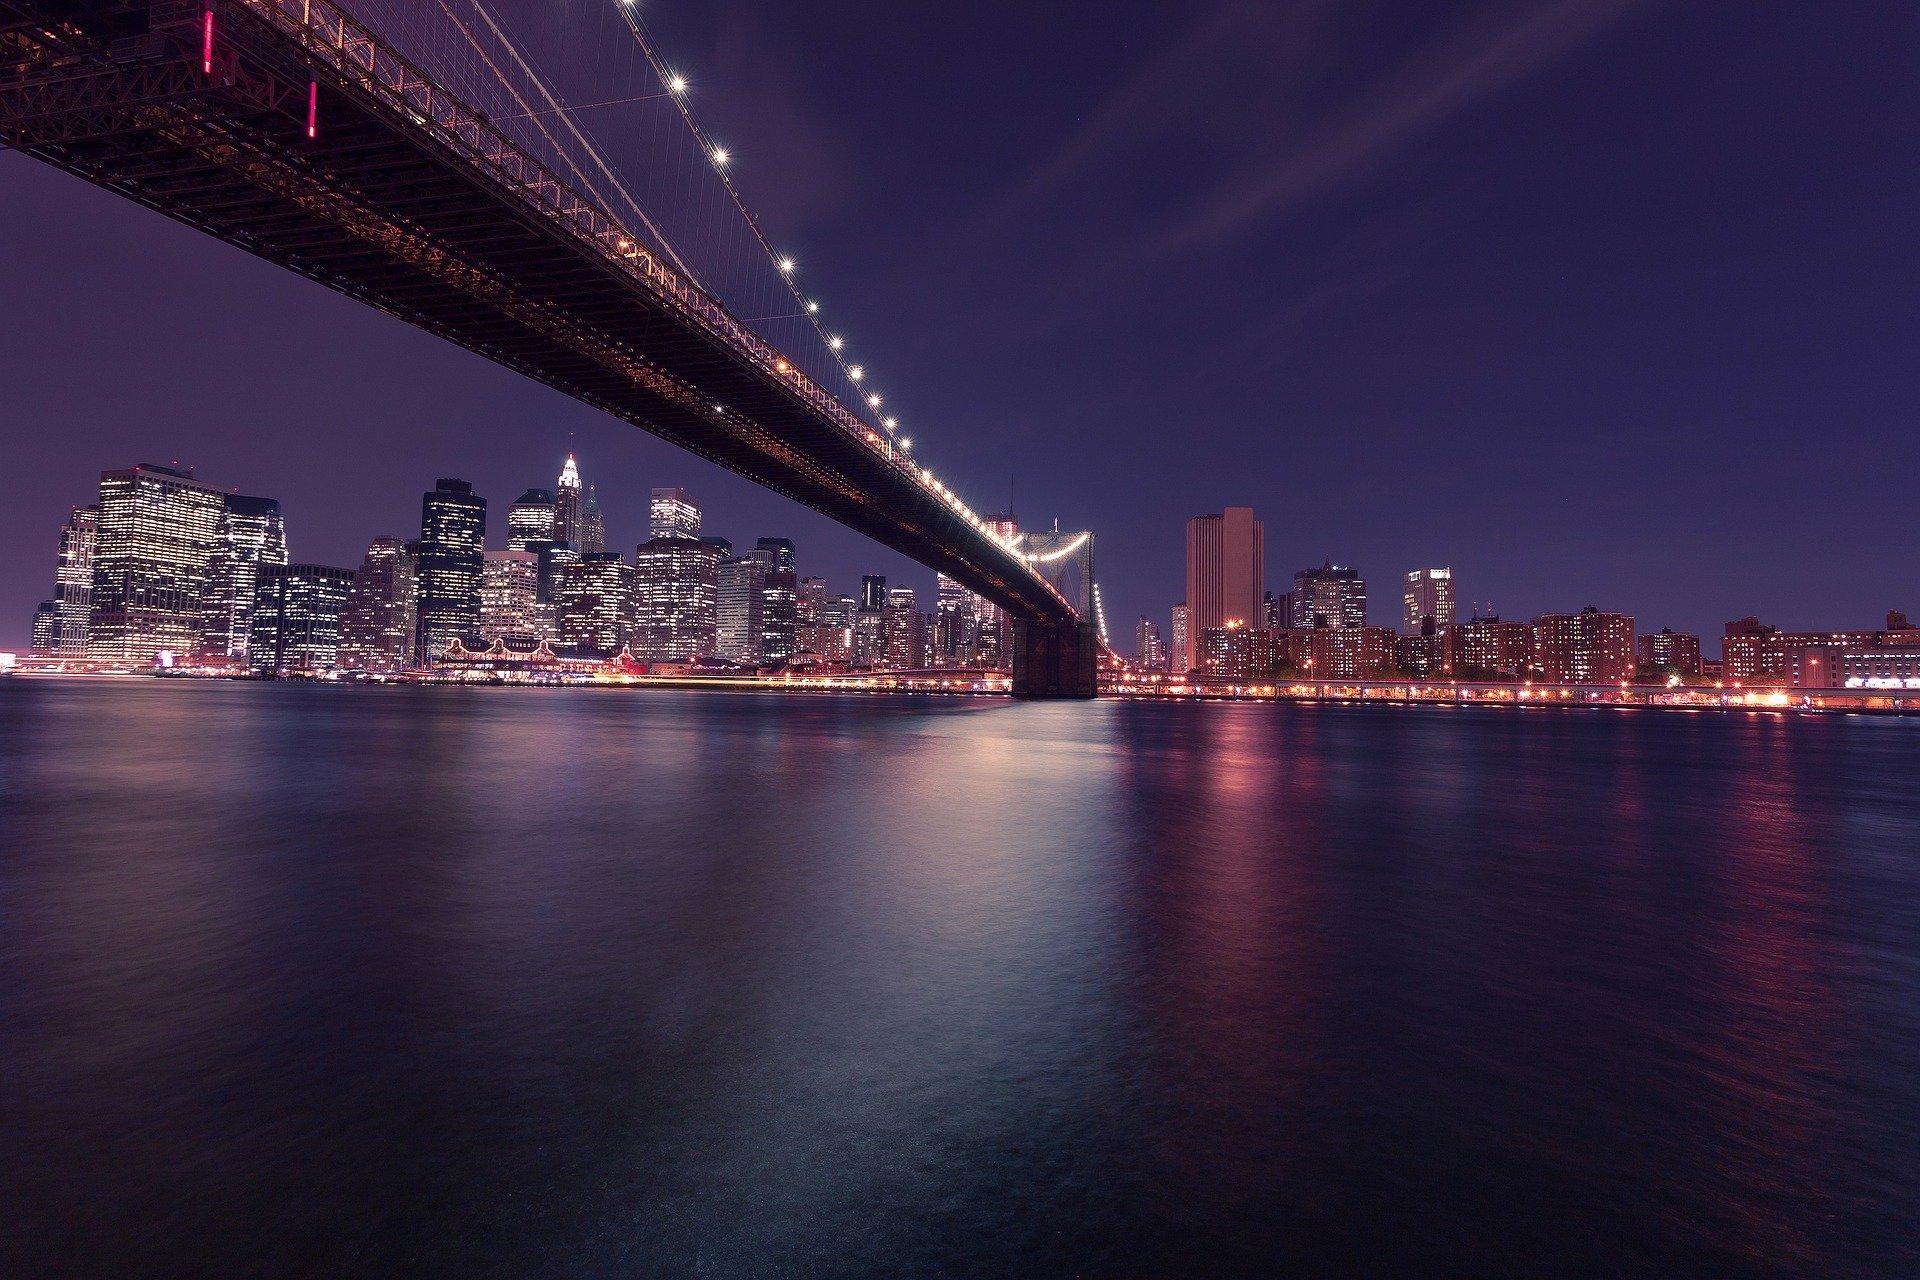 bridge-336475_1920